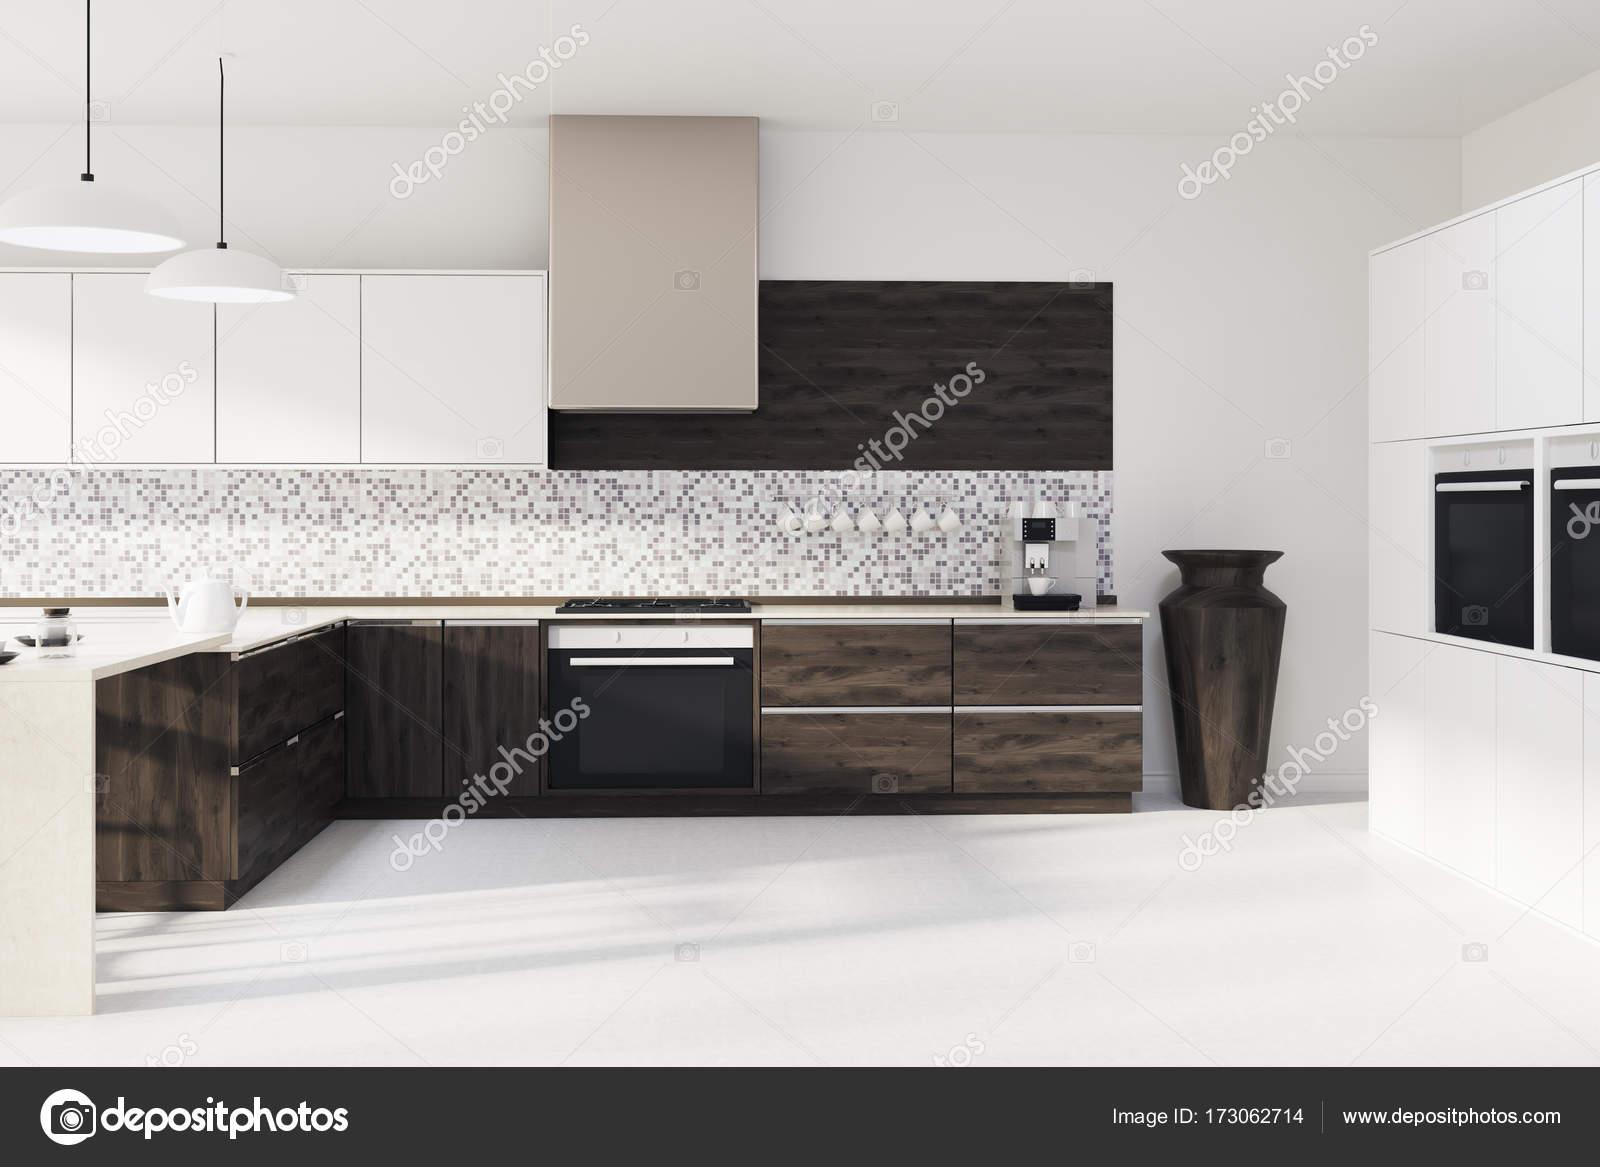 Mosaik Küche, dunklen Holz Arbeitsplatten — Stockfoto ...